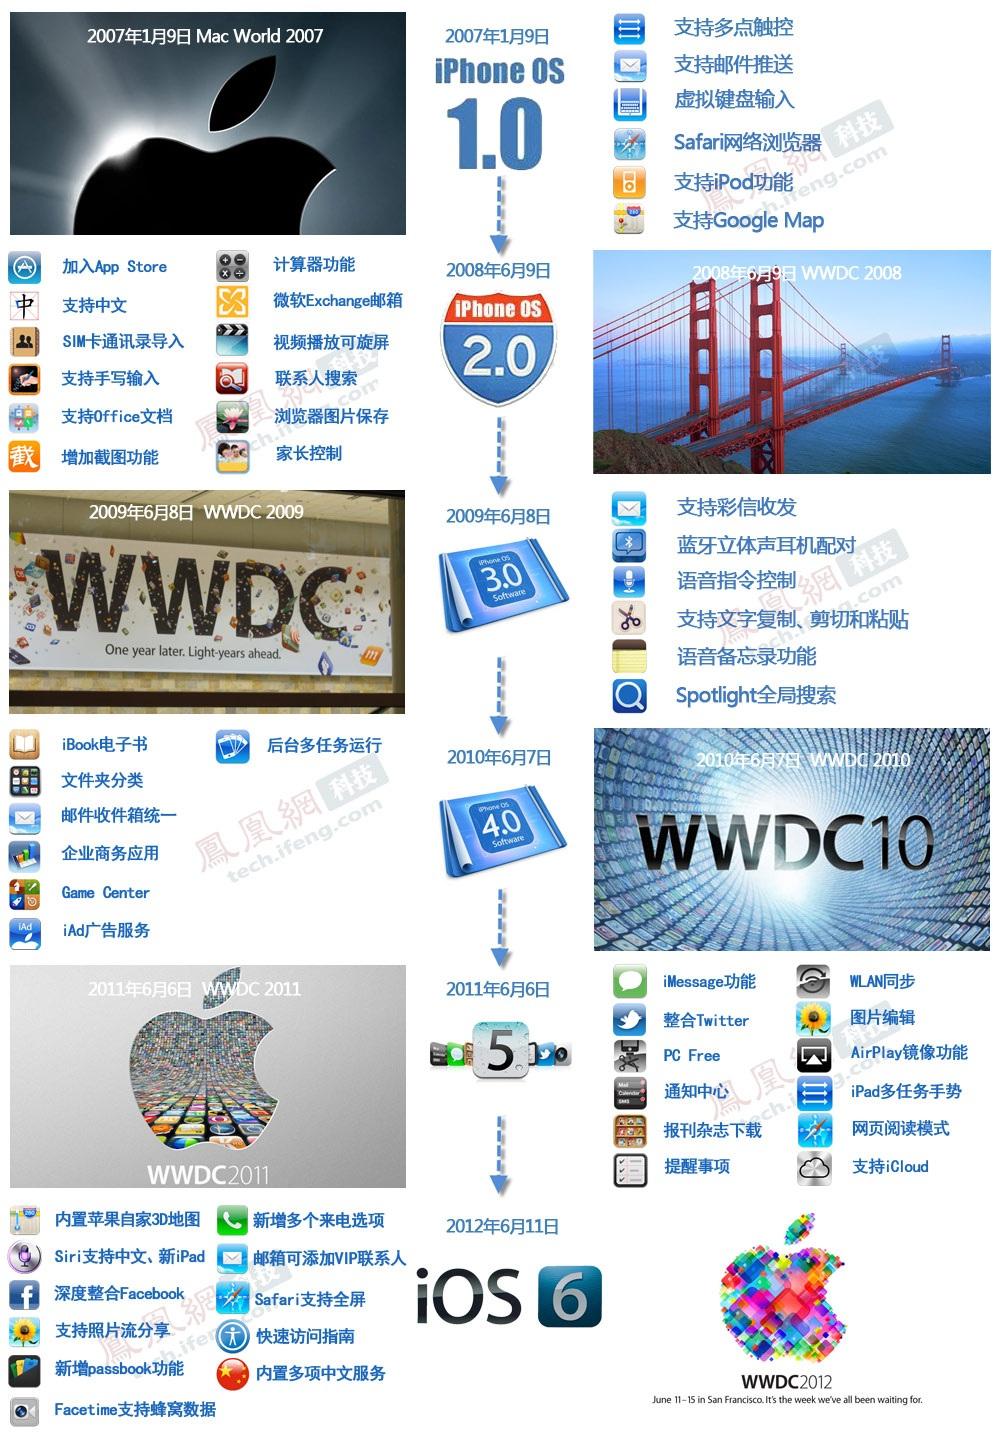 苹果六代iOS的进化